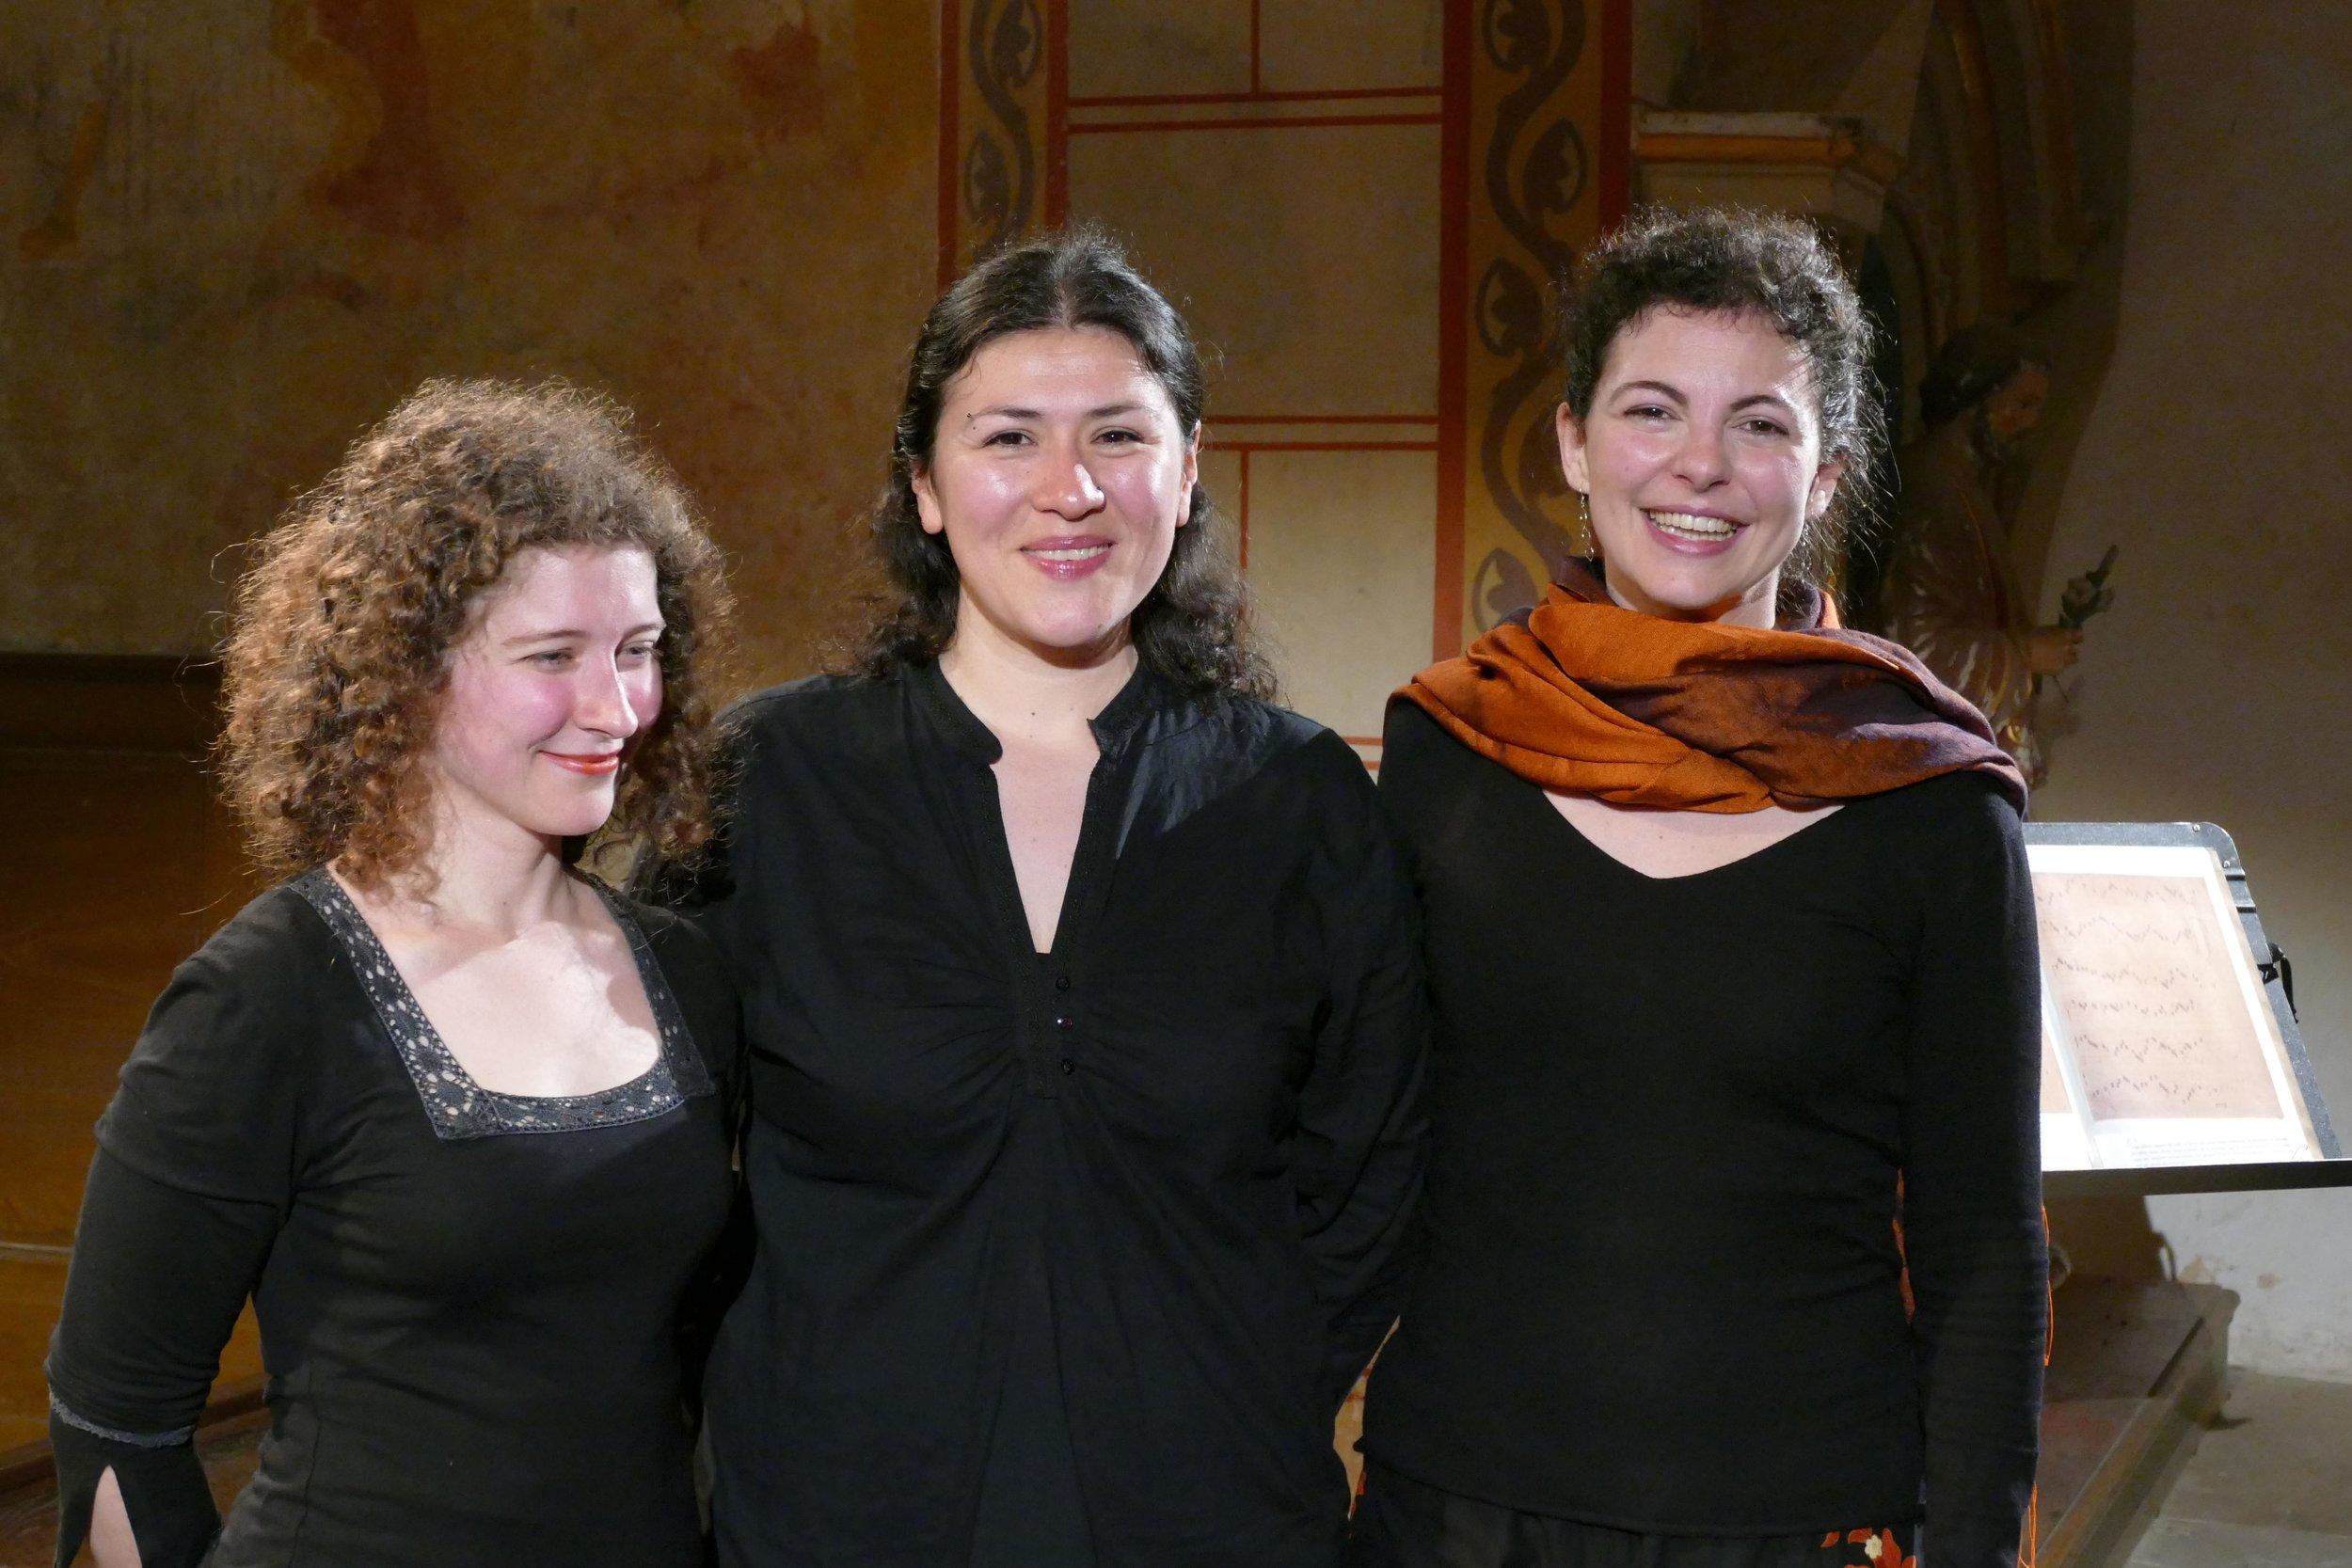 Photo: Pierre Sternberger  .       Oiet ensemble, after the concert at Asnières-sur-Vègre. Festival de Sablé.